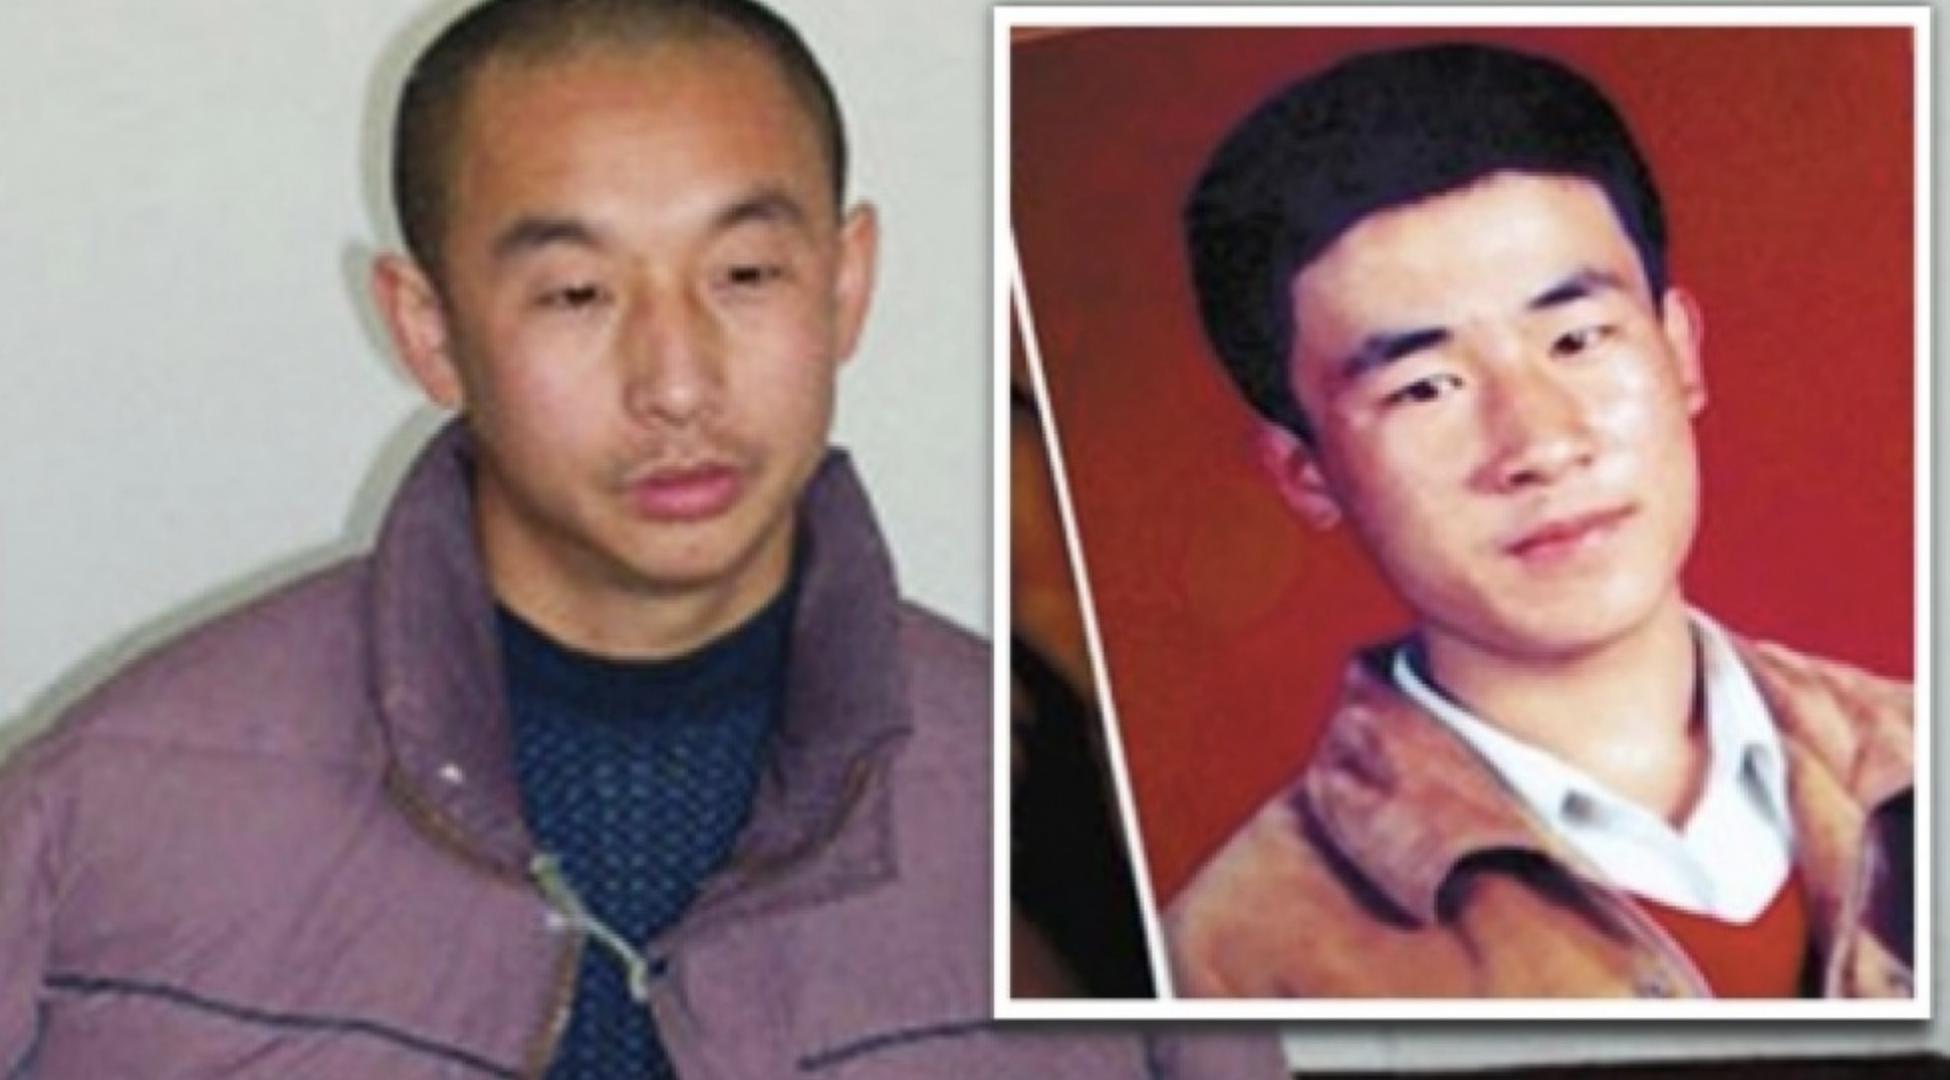 Слева направо: Маньяк Чжао Чжихун; Хууджилт. Фото: © социальные сети